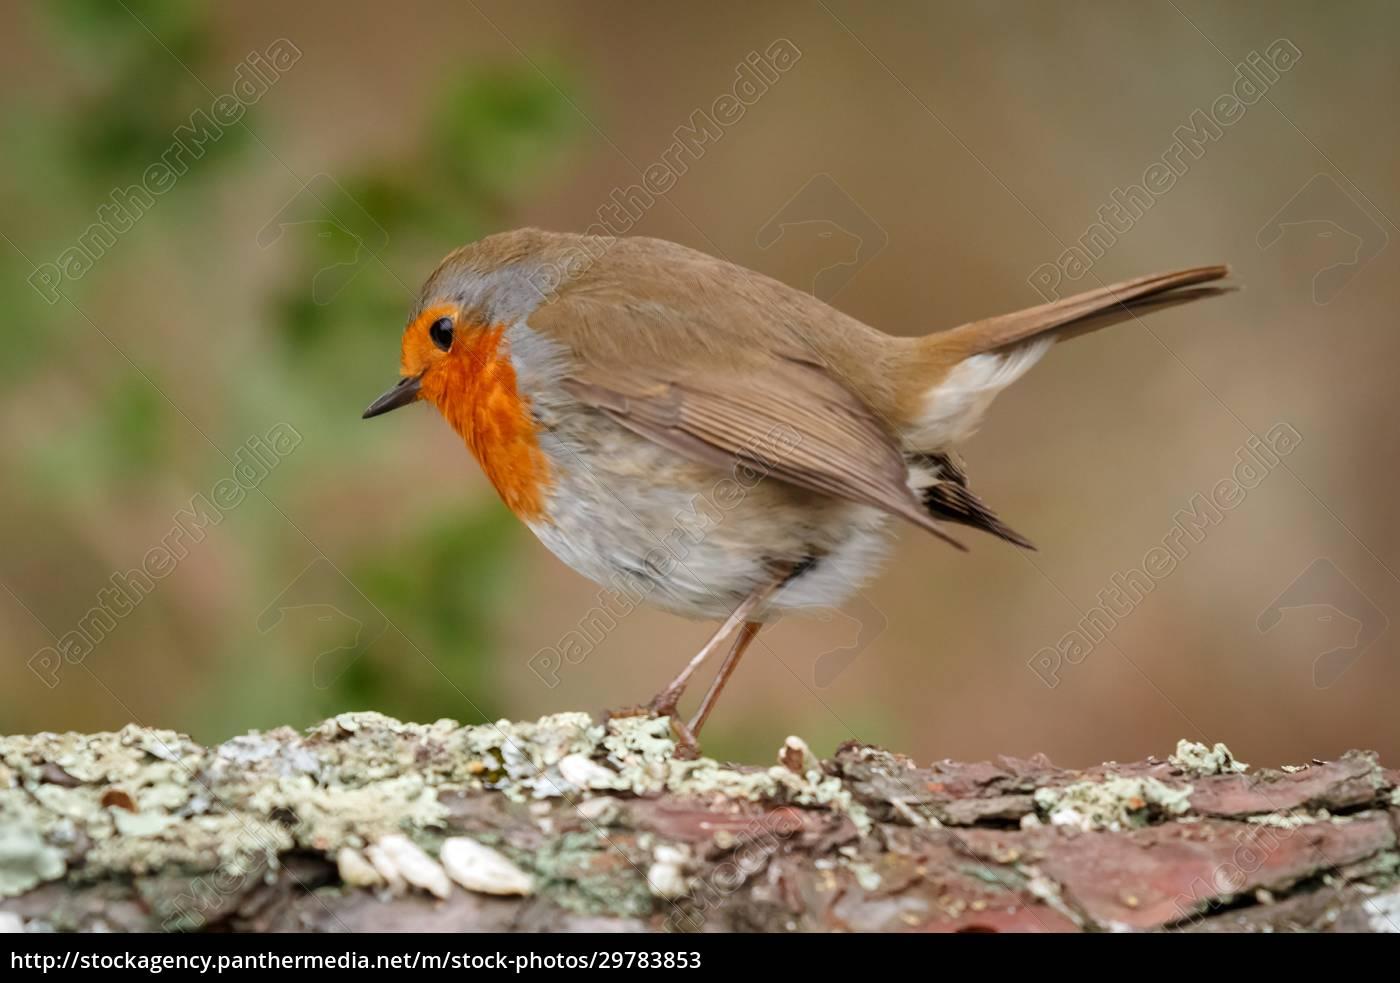 pretty, bird, with, a, nice, orange - 29783853